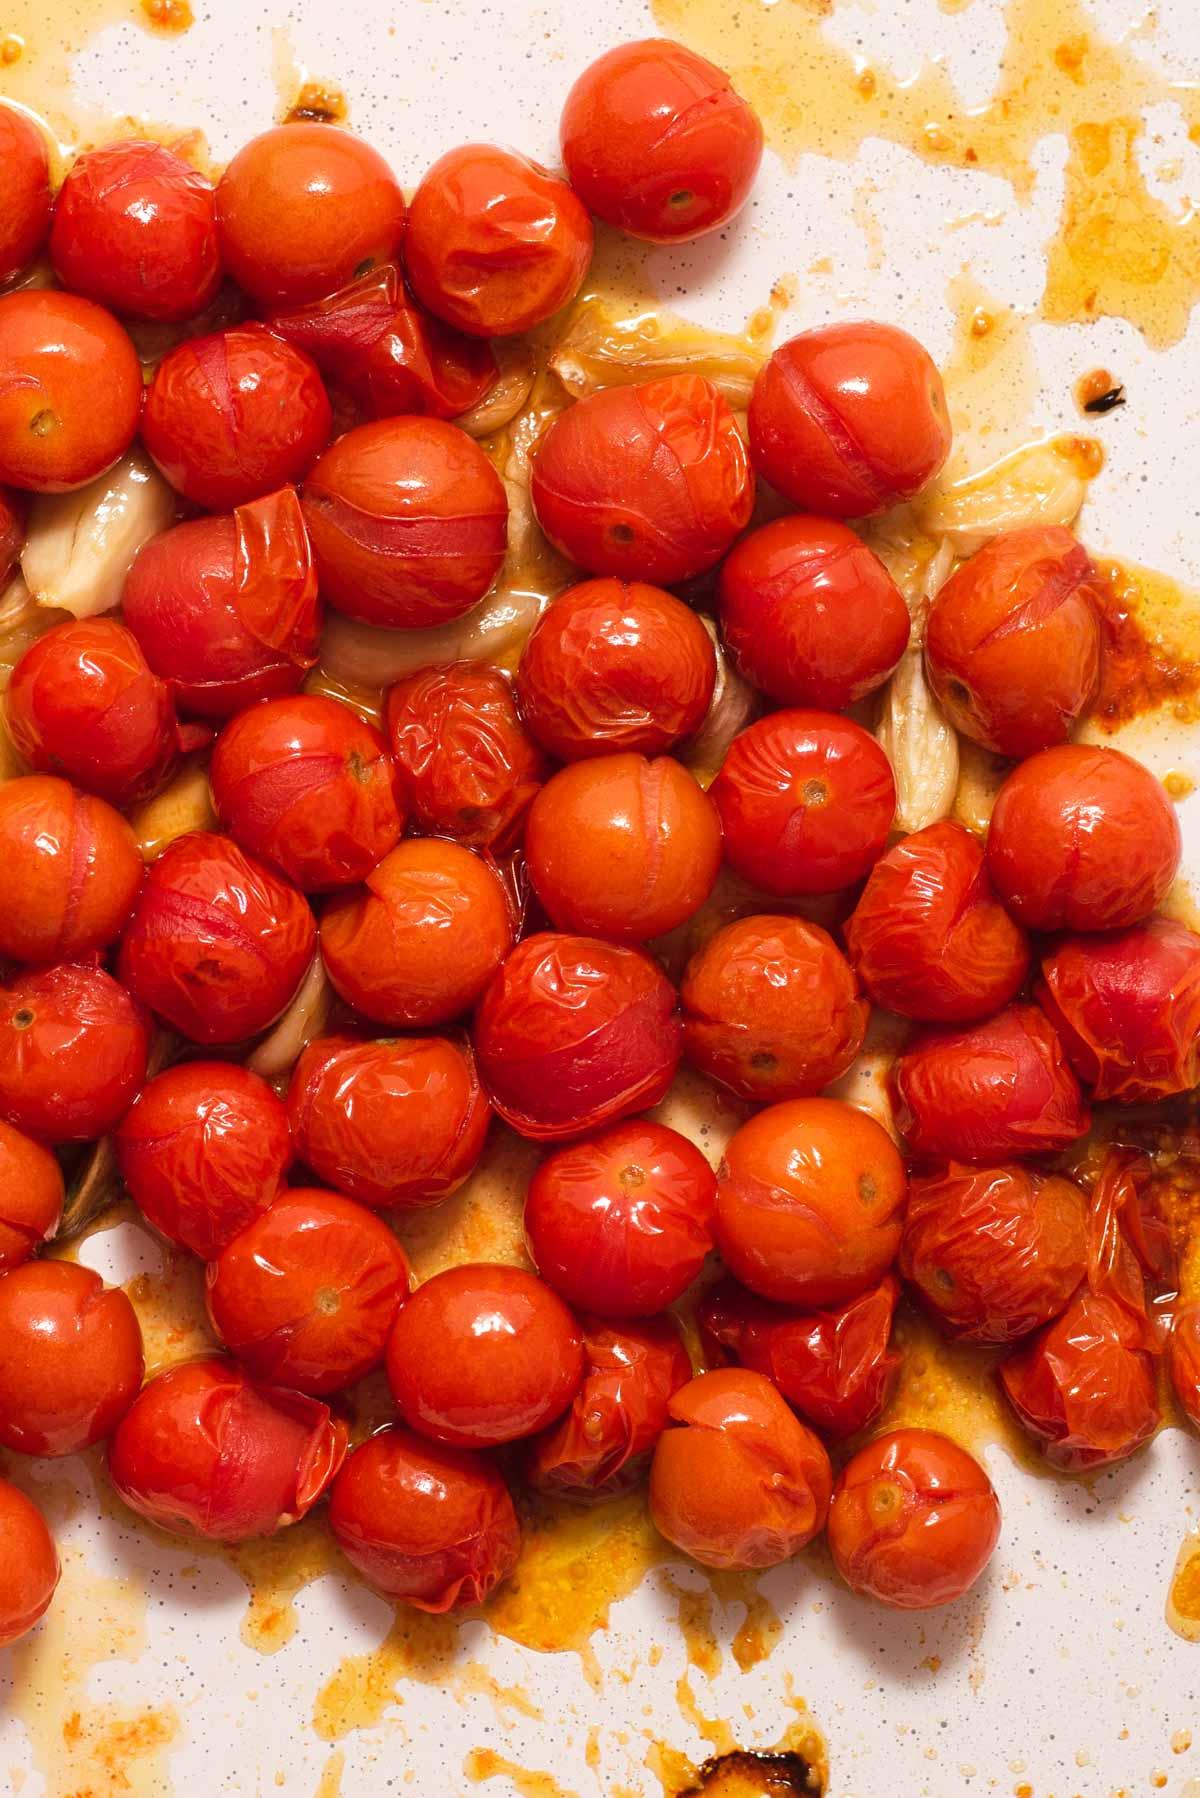 Close up of shriveled roasted cherry tomatoes on white background